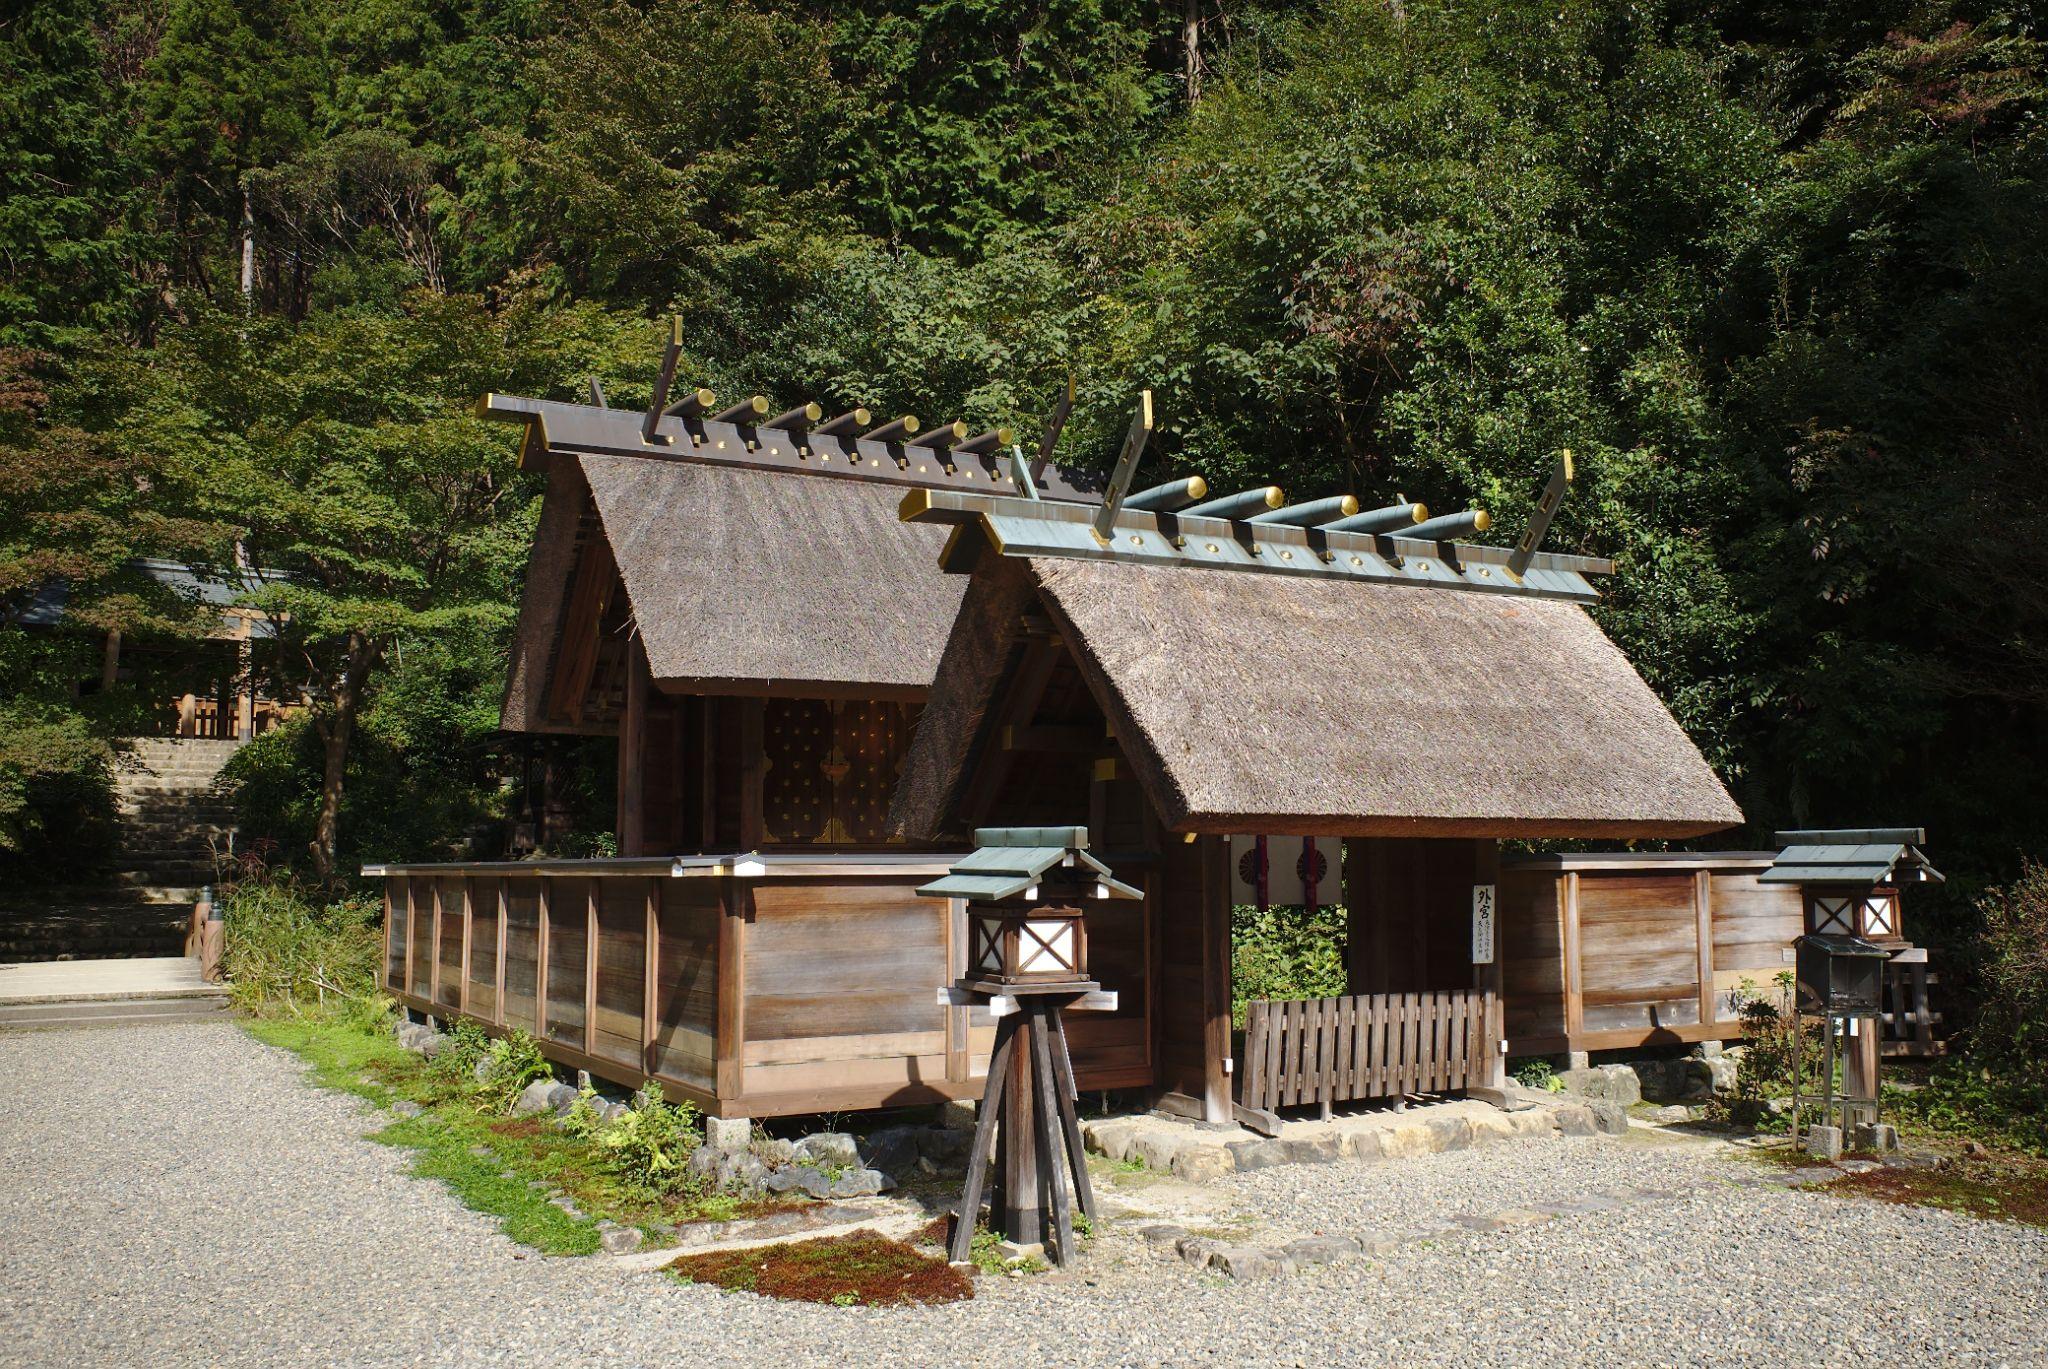 Himukai daijingu, Japan